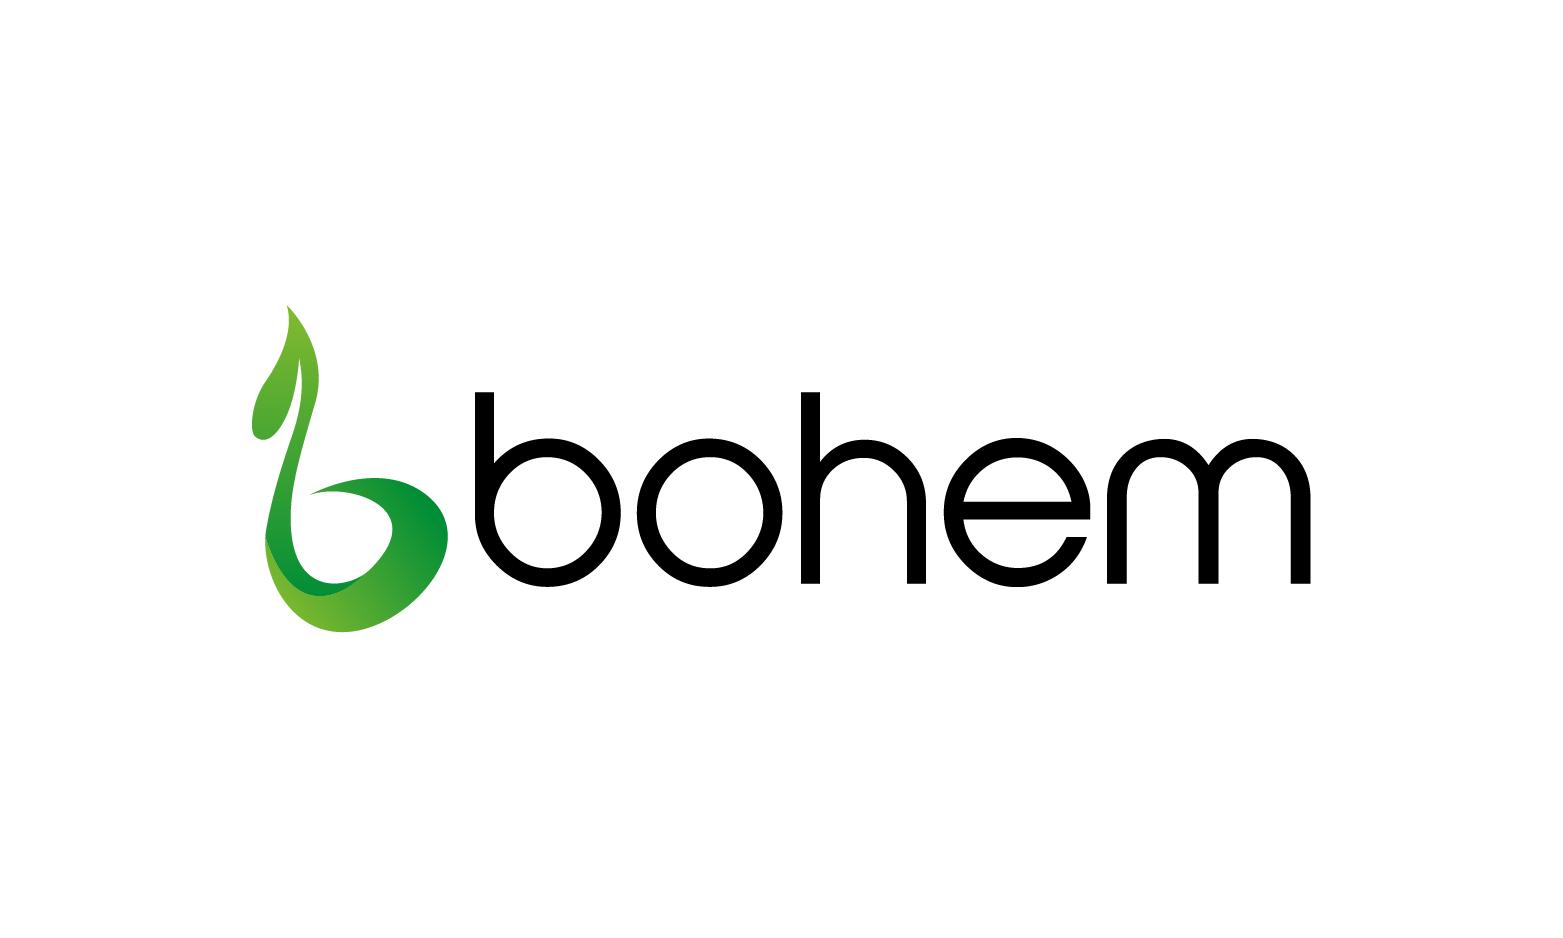 Bohem.com